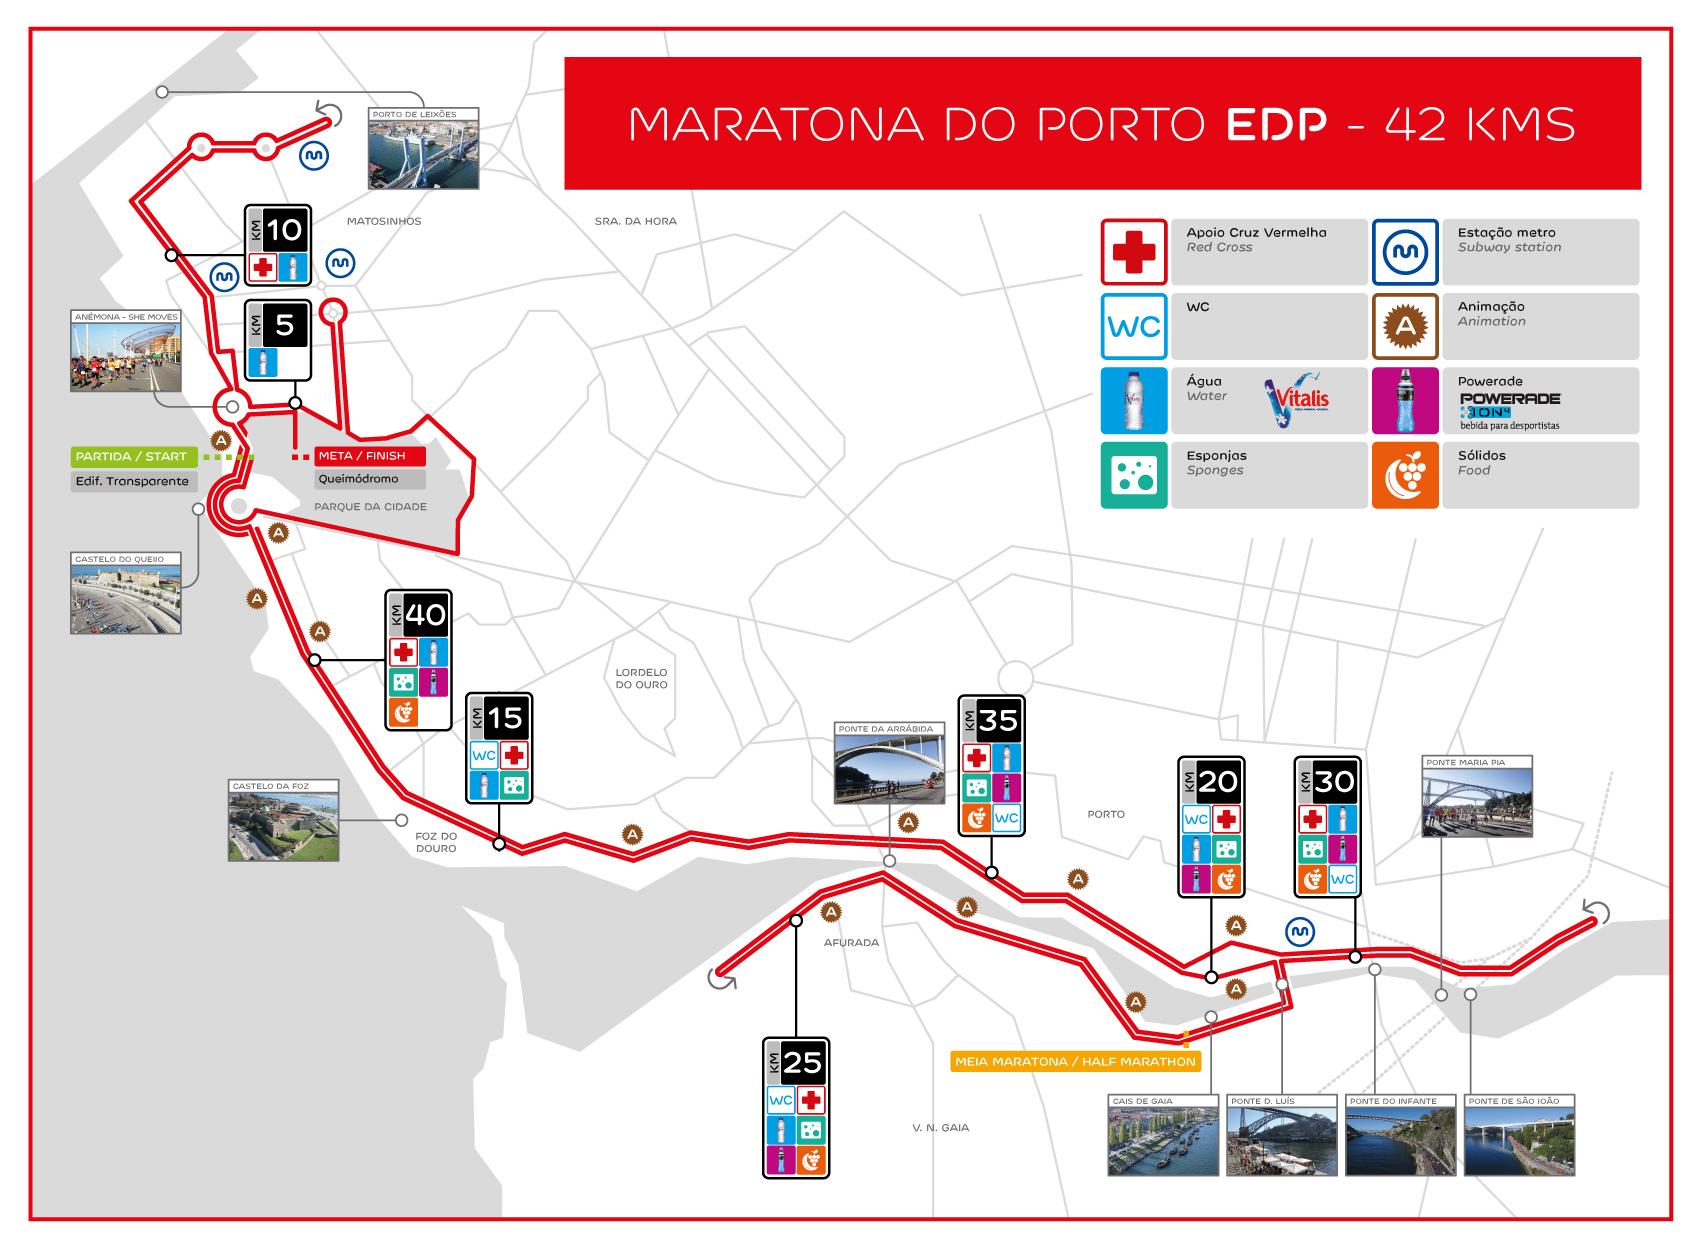 Martona do Porto